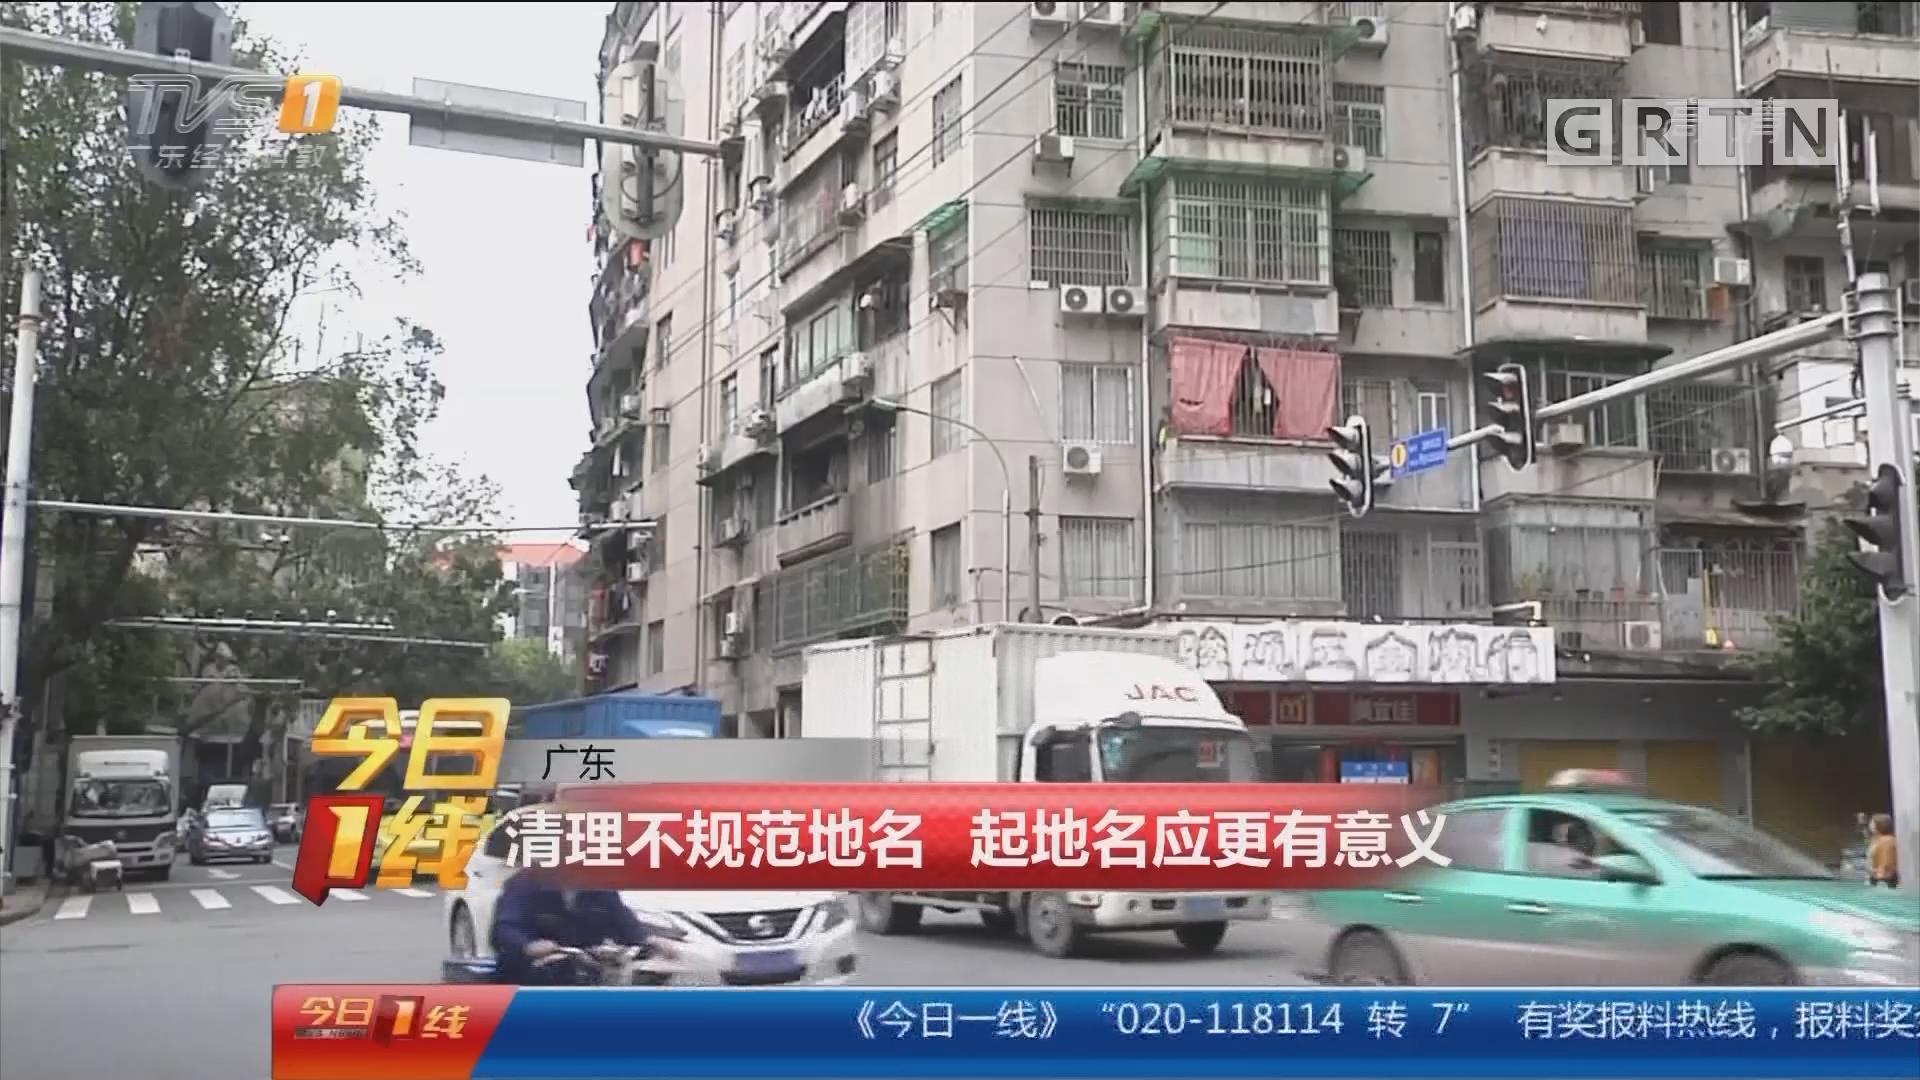 广东:清理不规范地名 起地名应更有意义